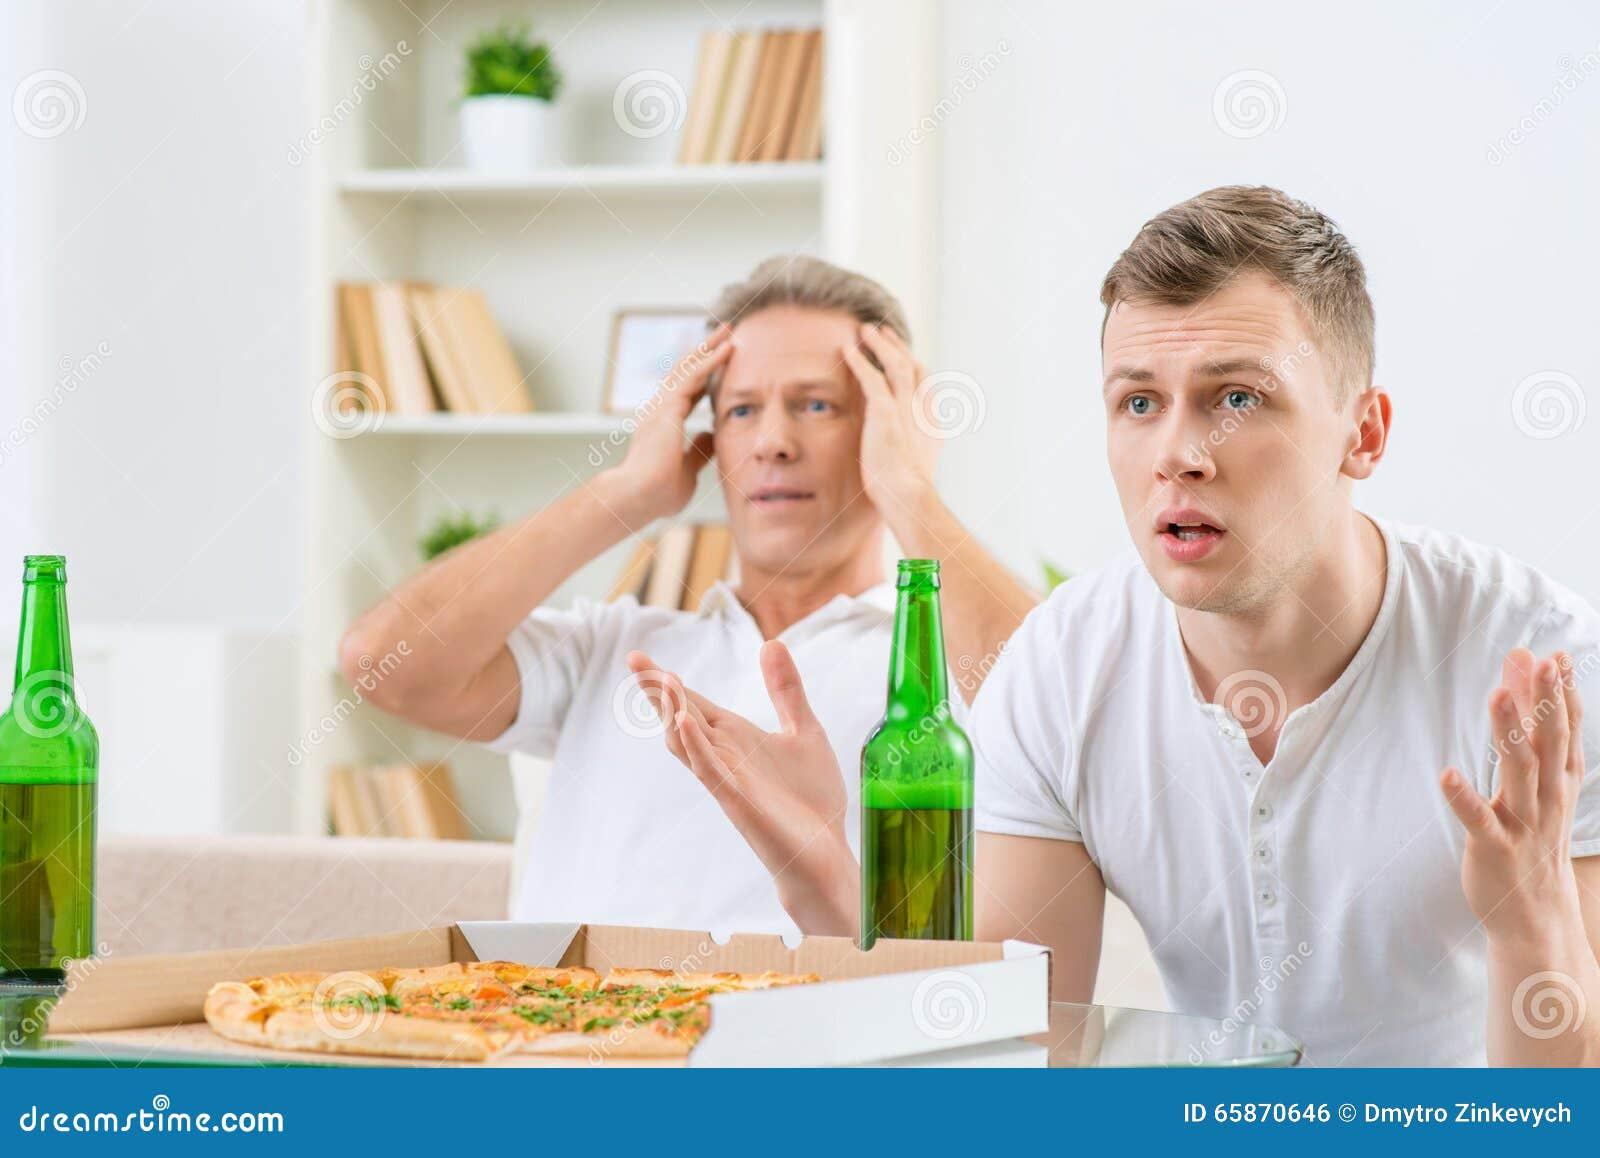 Отец пьет каждый день что делать